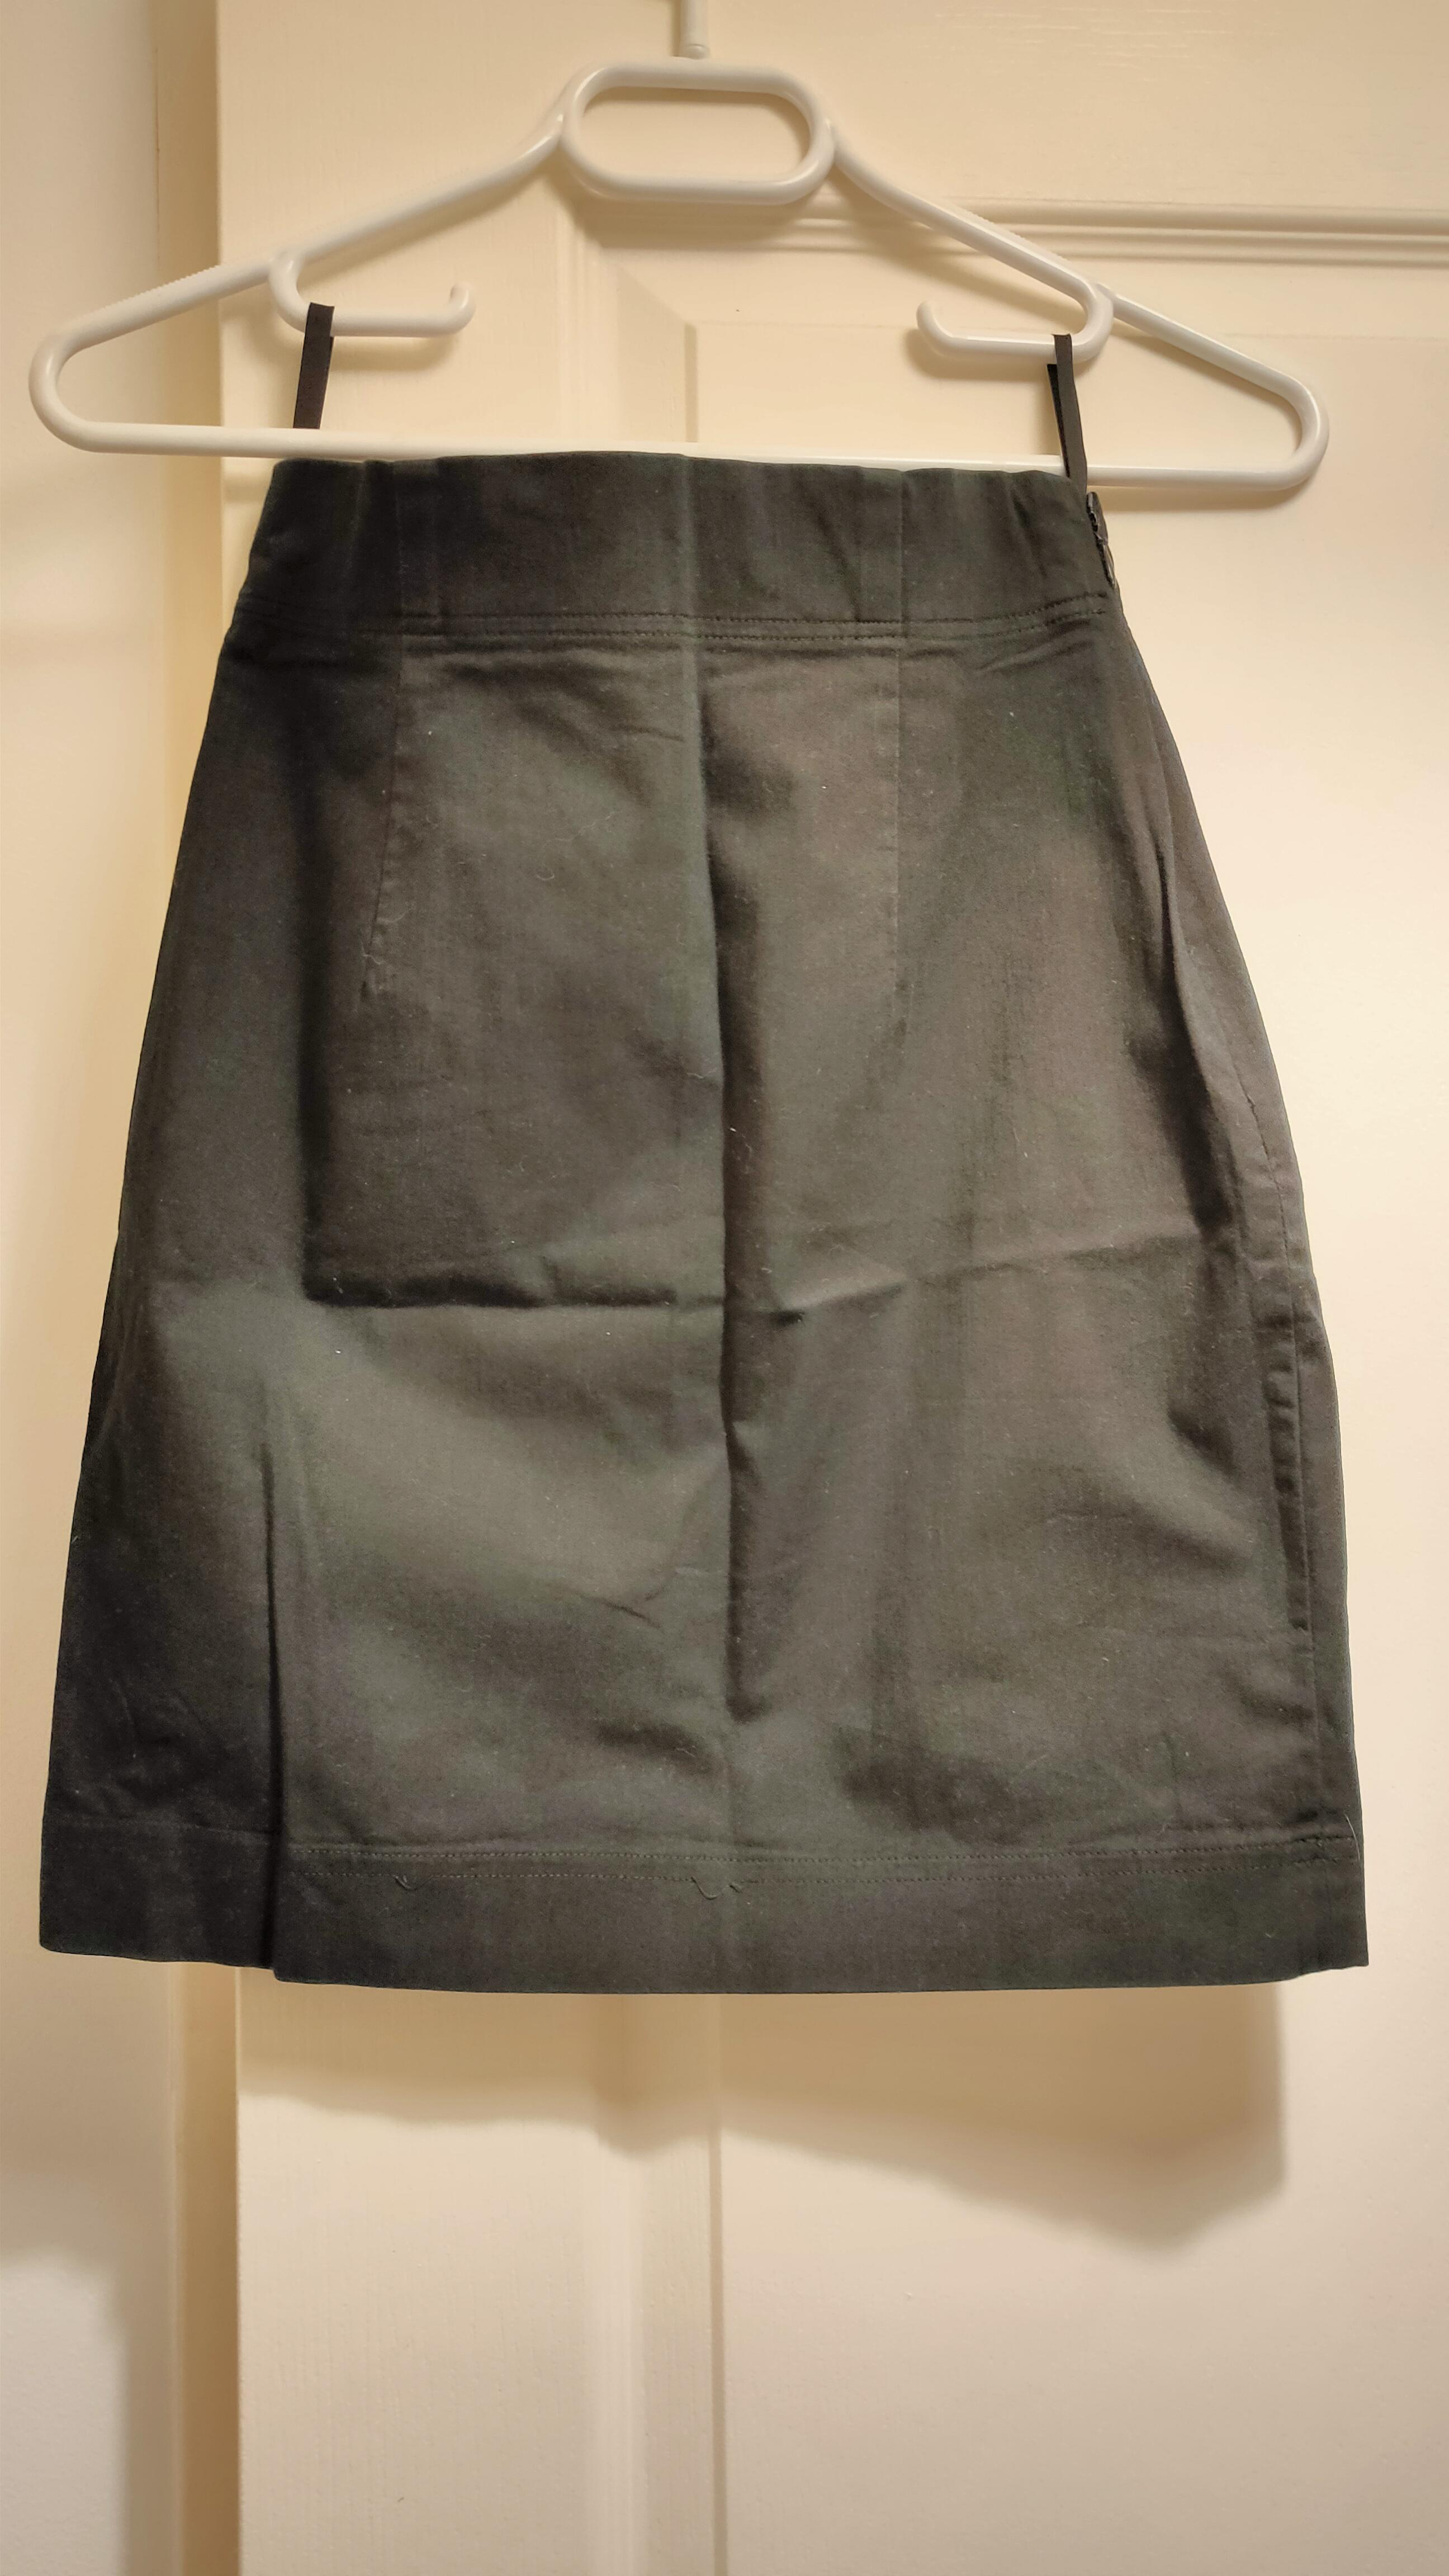 troc de troc jupe noir chantal thomas image 0